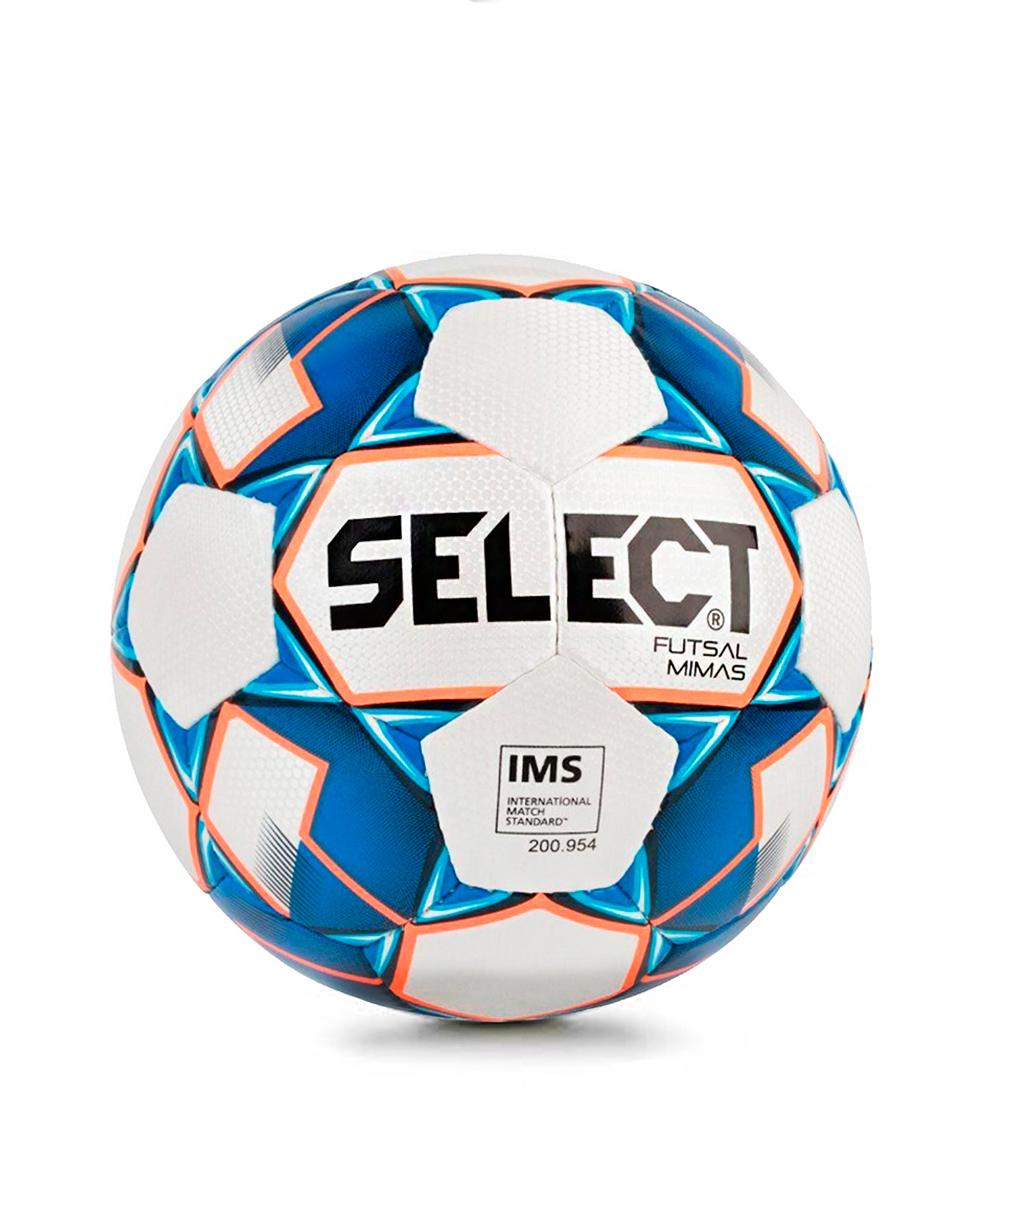 Купить мяч Select Futsal Mimas IMS (Размер 4) в интернет-магазине